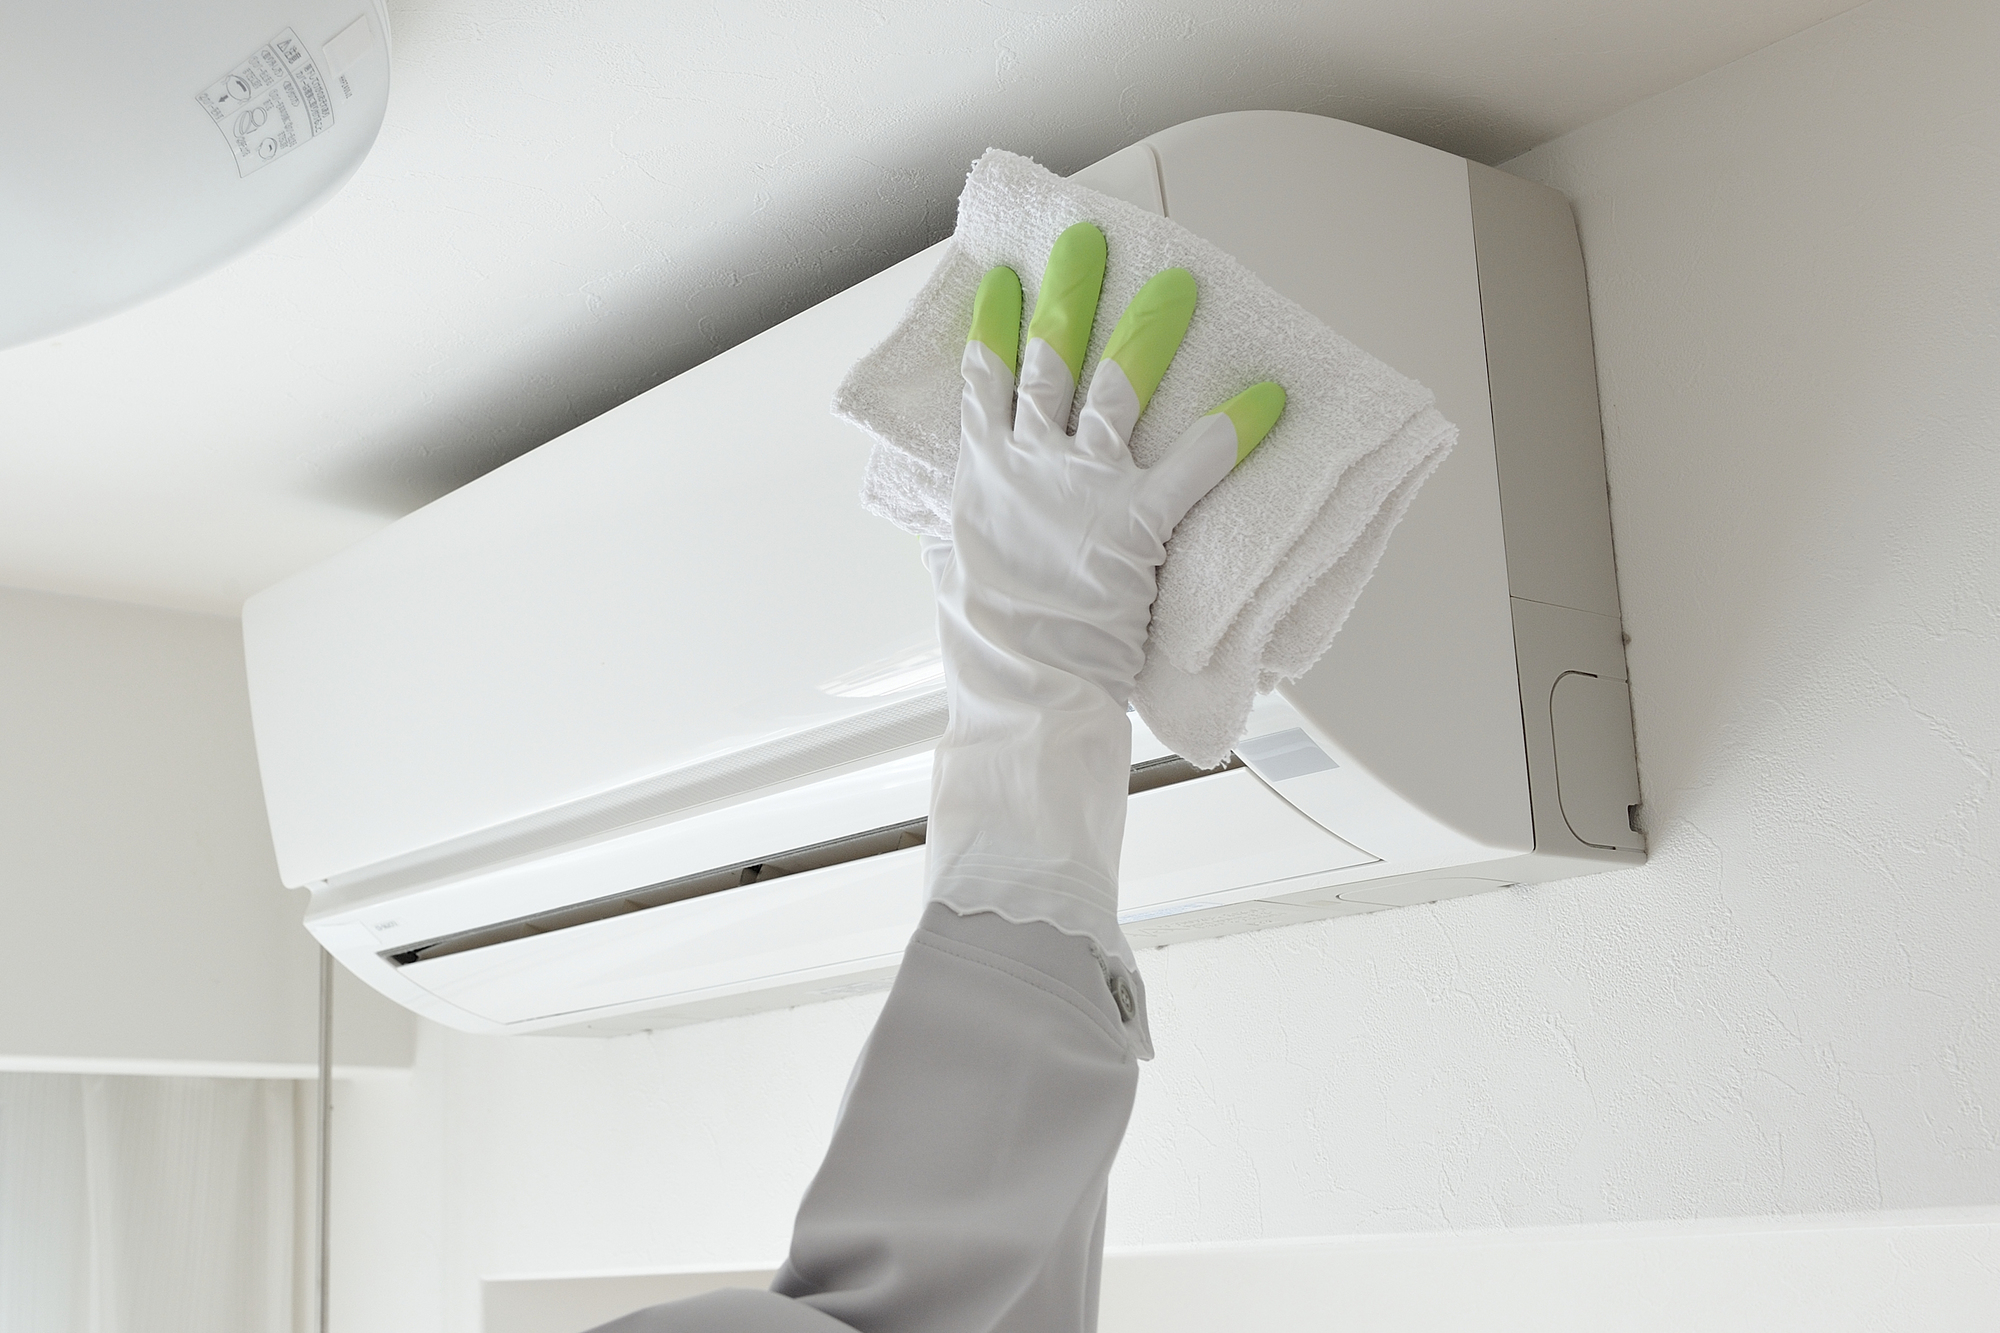 エアコンを掃除しよう!フィルターの手入れから内部クリーニングまで